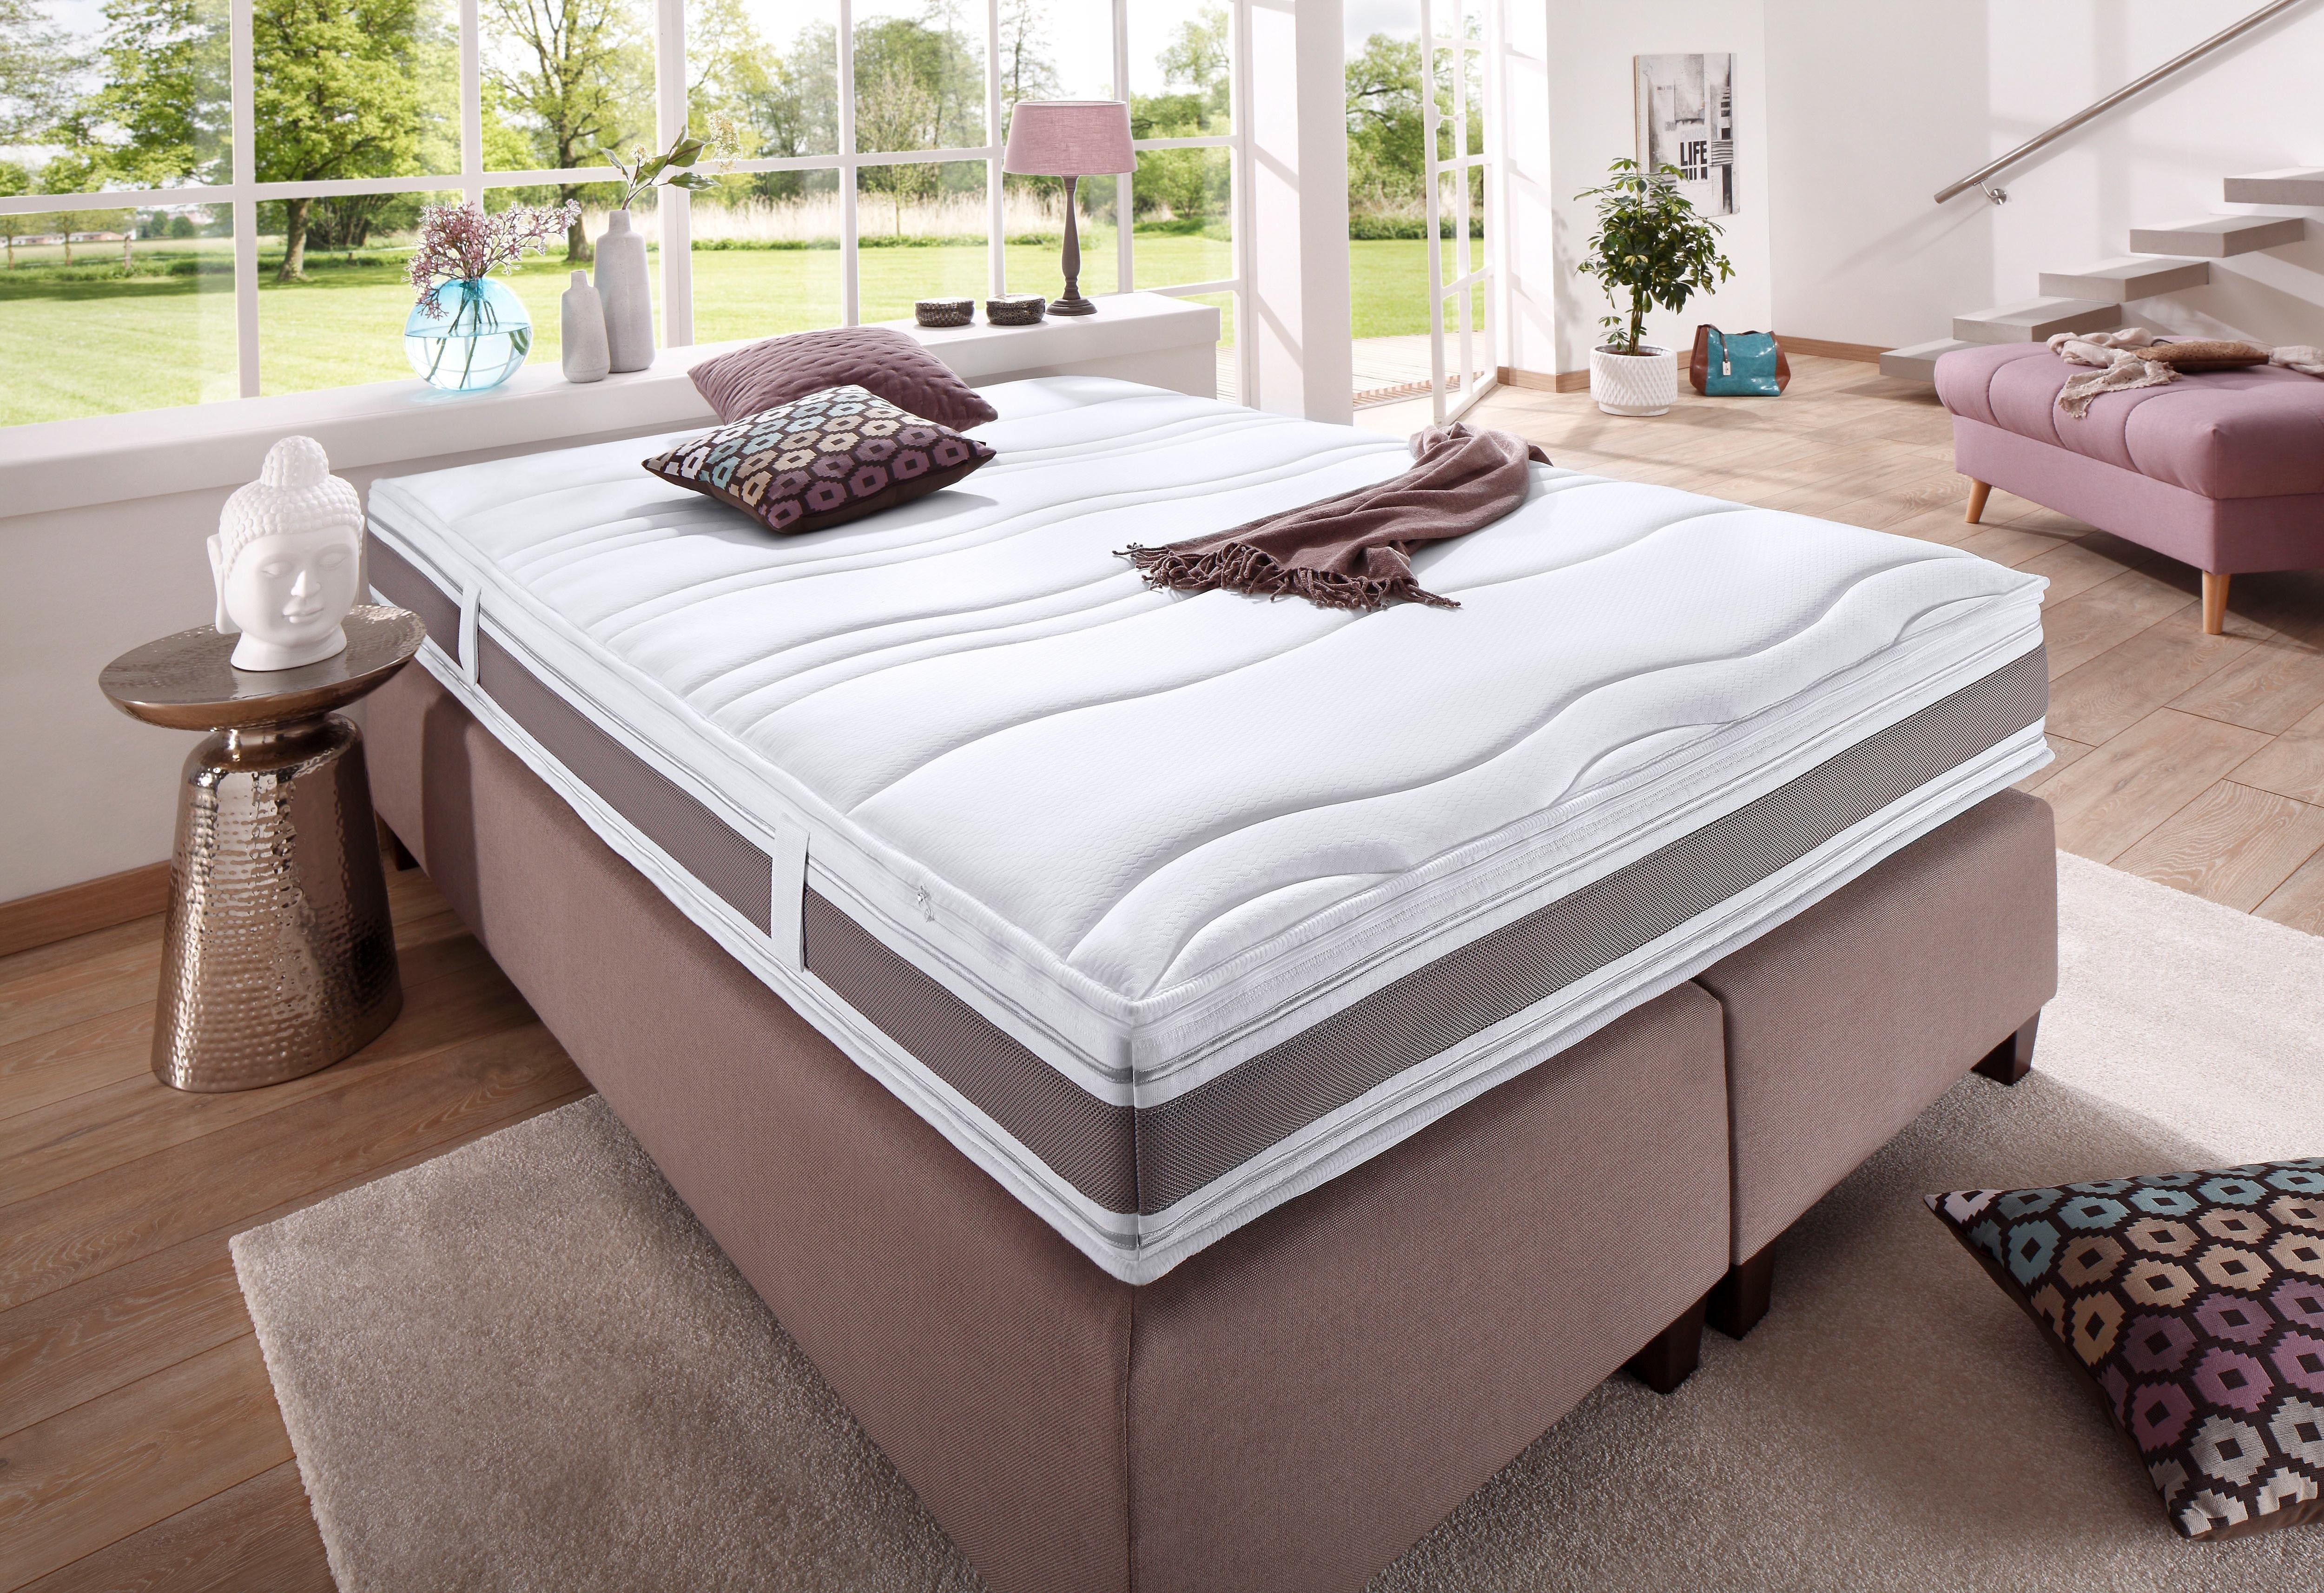 FAN EXCLUSIV pocketveringsmatras Punktoflex de Luxe T Natuurlijke bescherming tegen huismijten hoogte 22 cm nu online bestellen